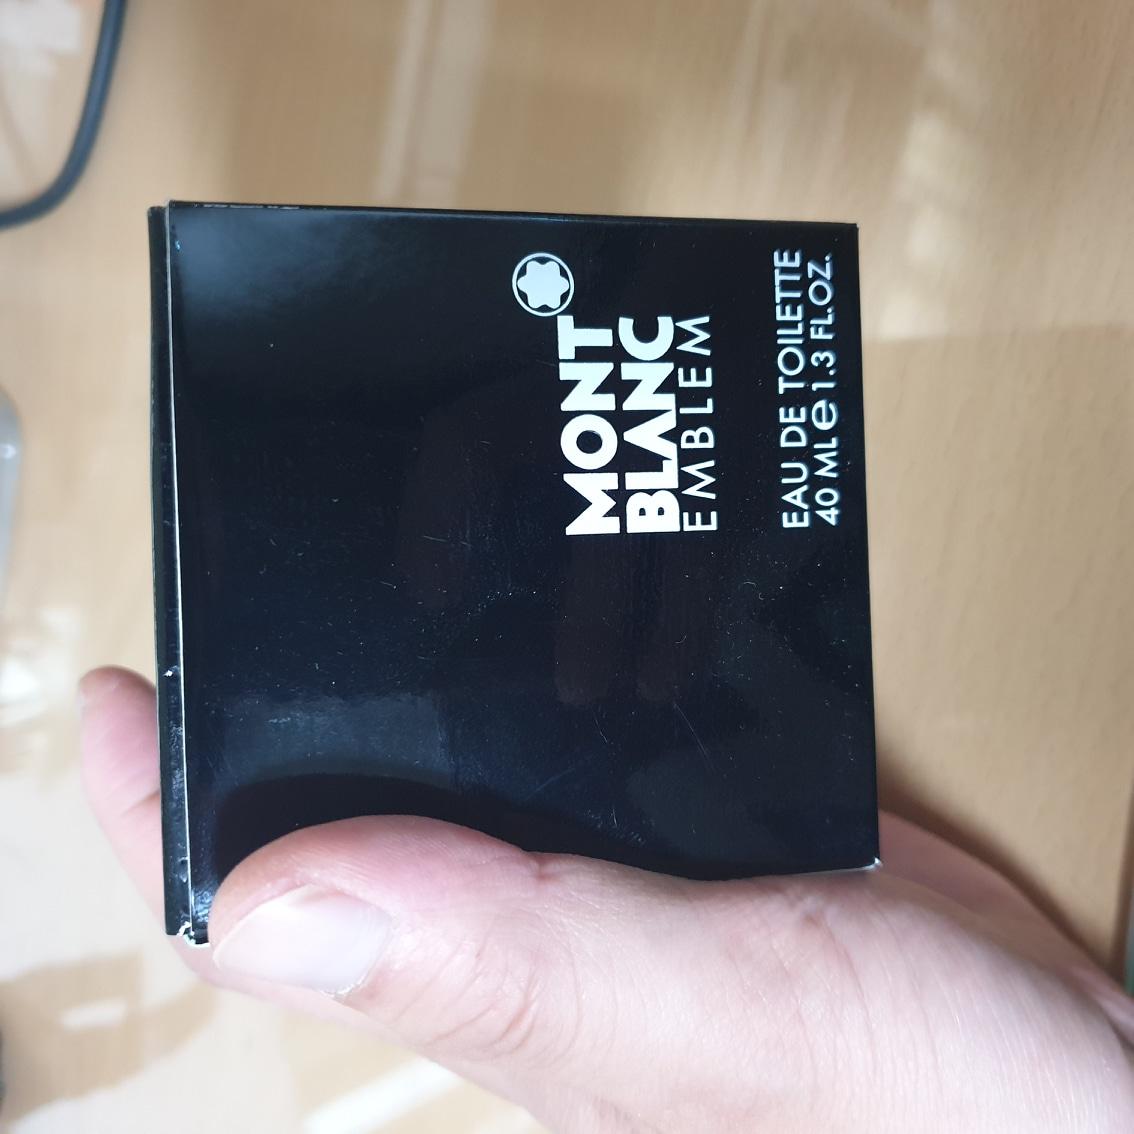 몽블랑 엠블럼 향수(40ml)새상품